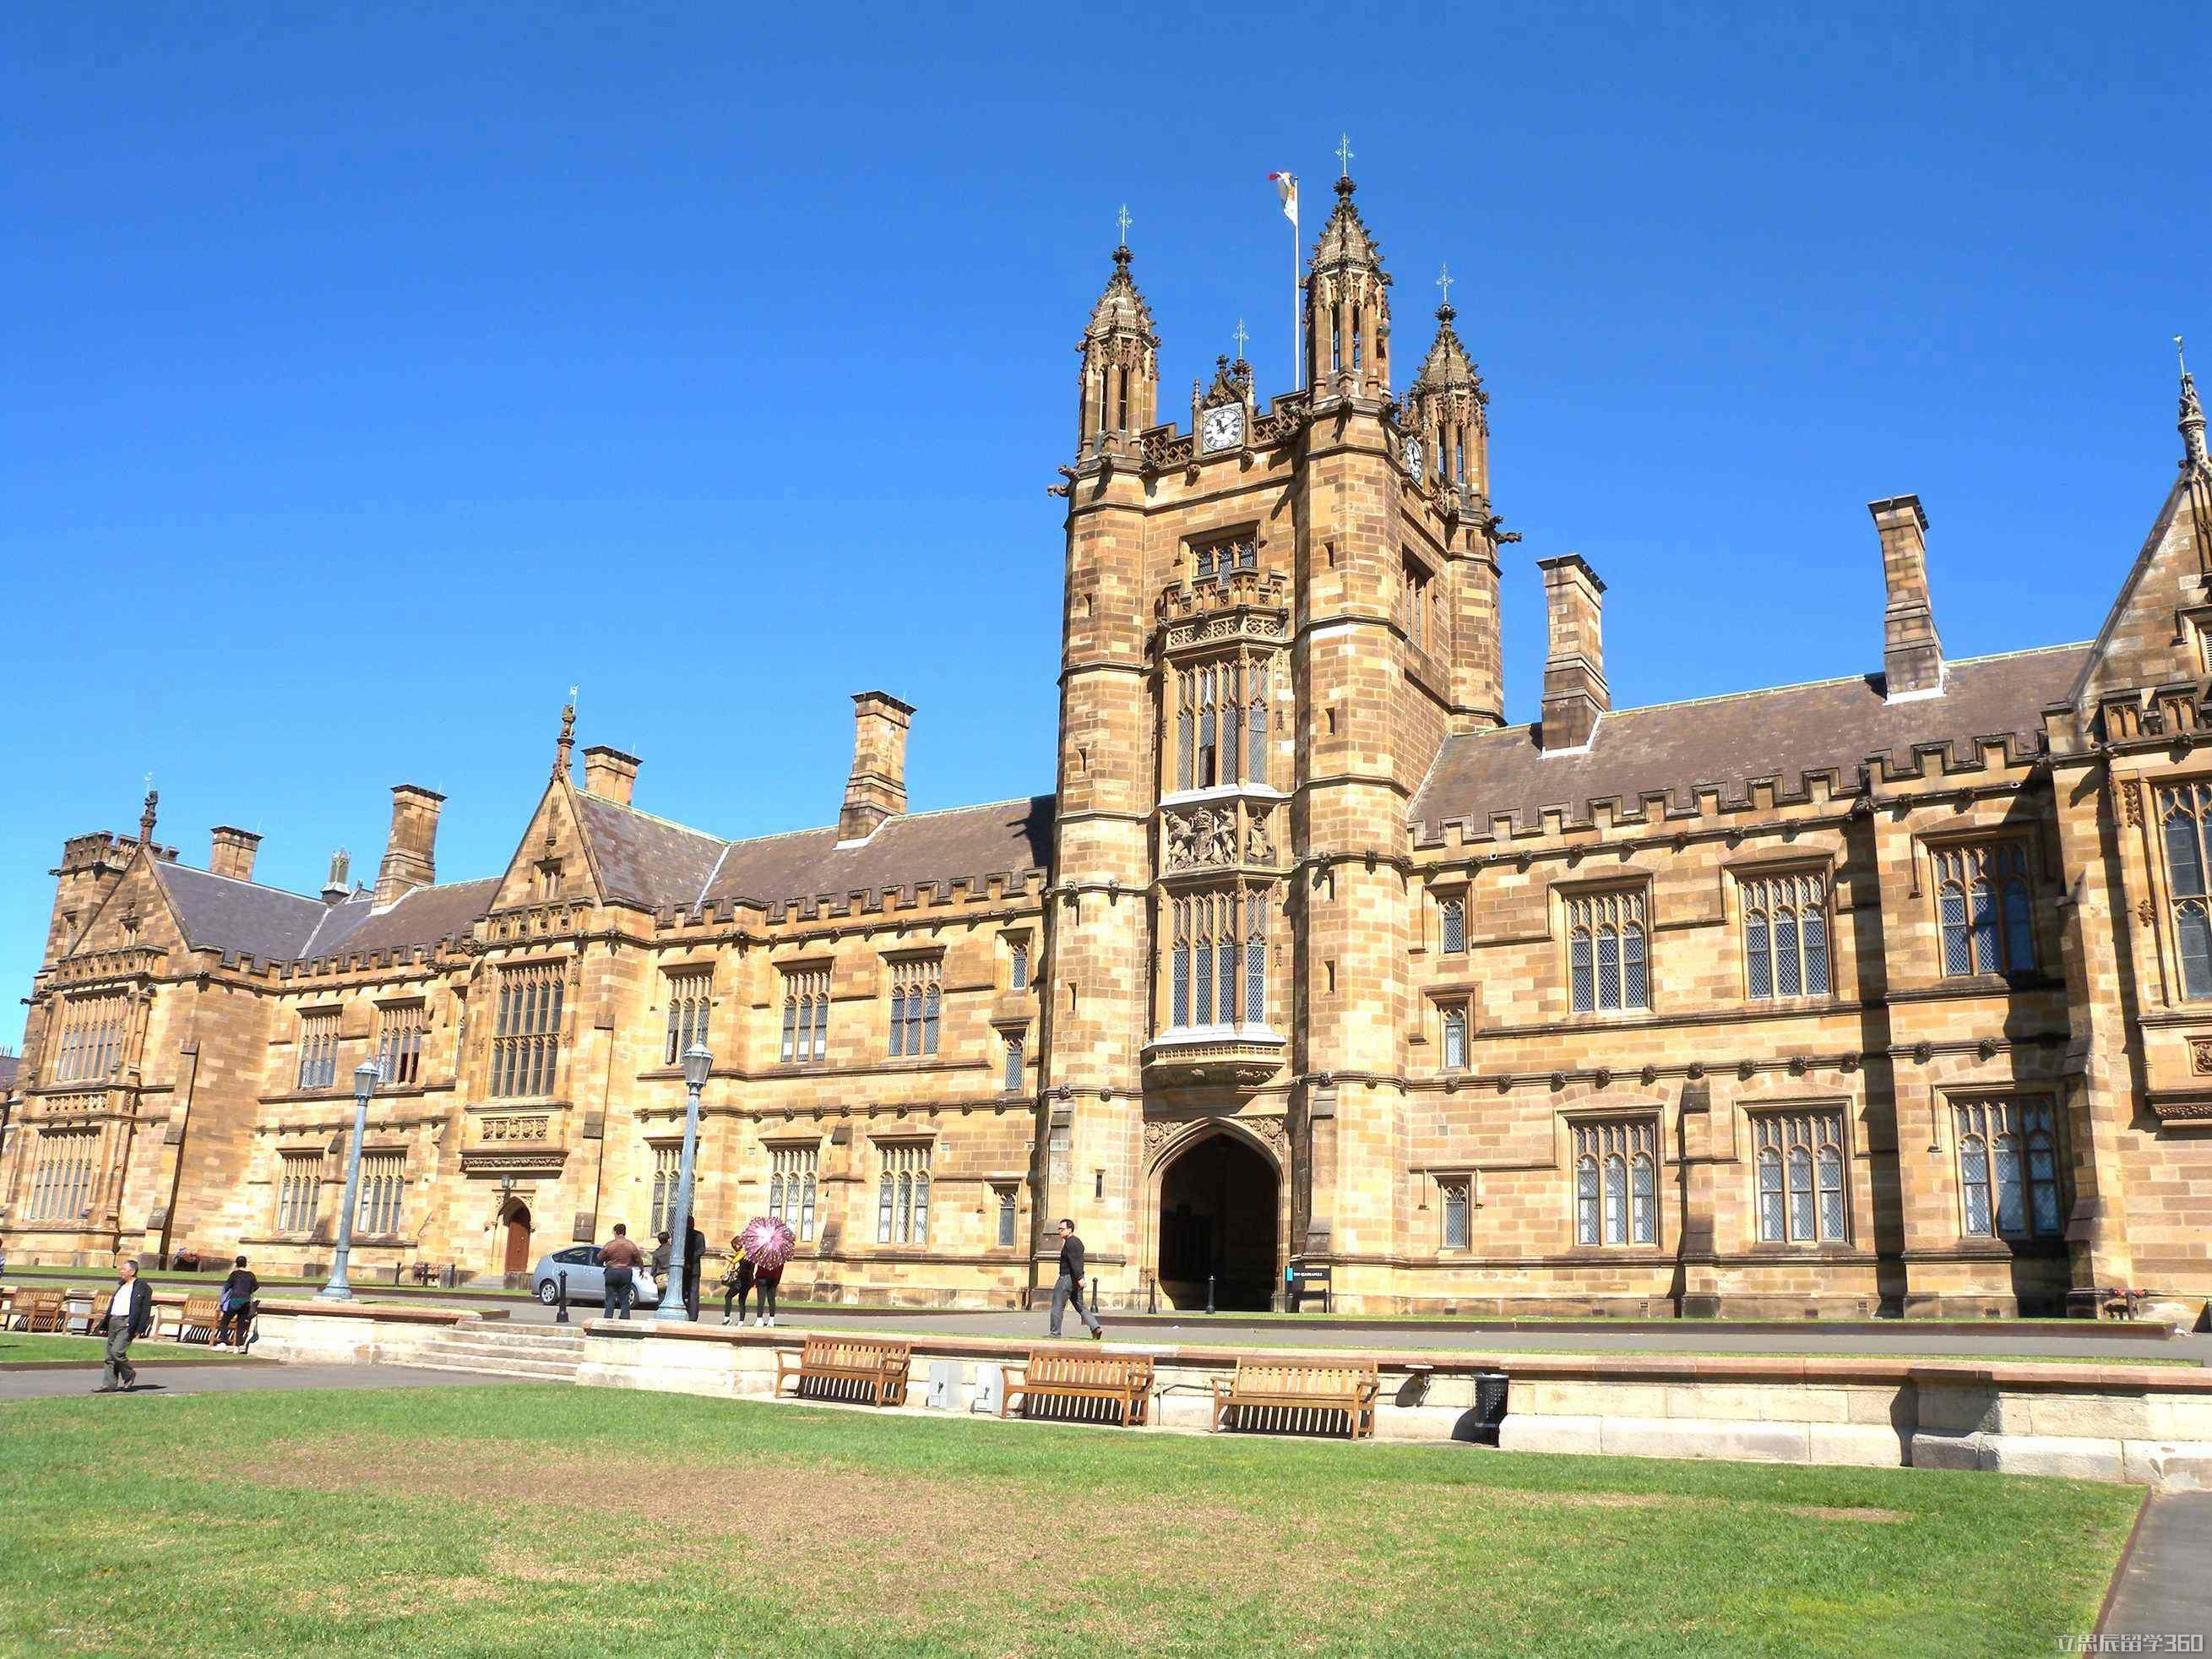 澳大利亚留学行李准备 - 教育咨询 - 留学360